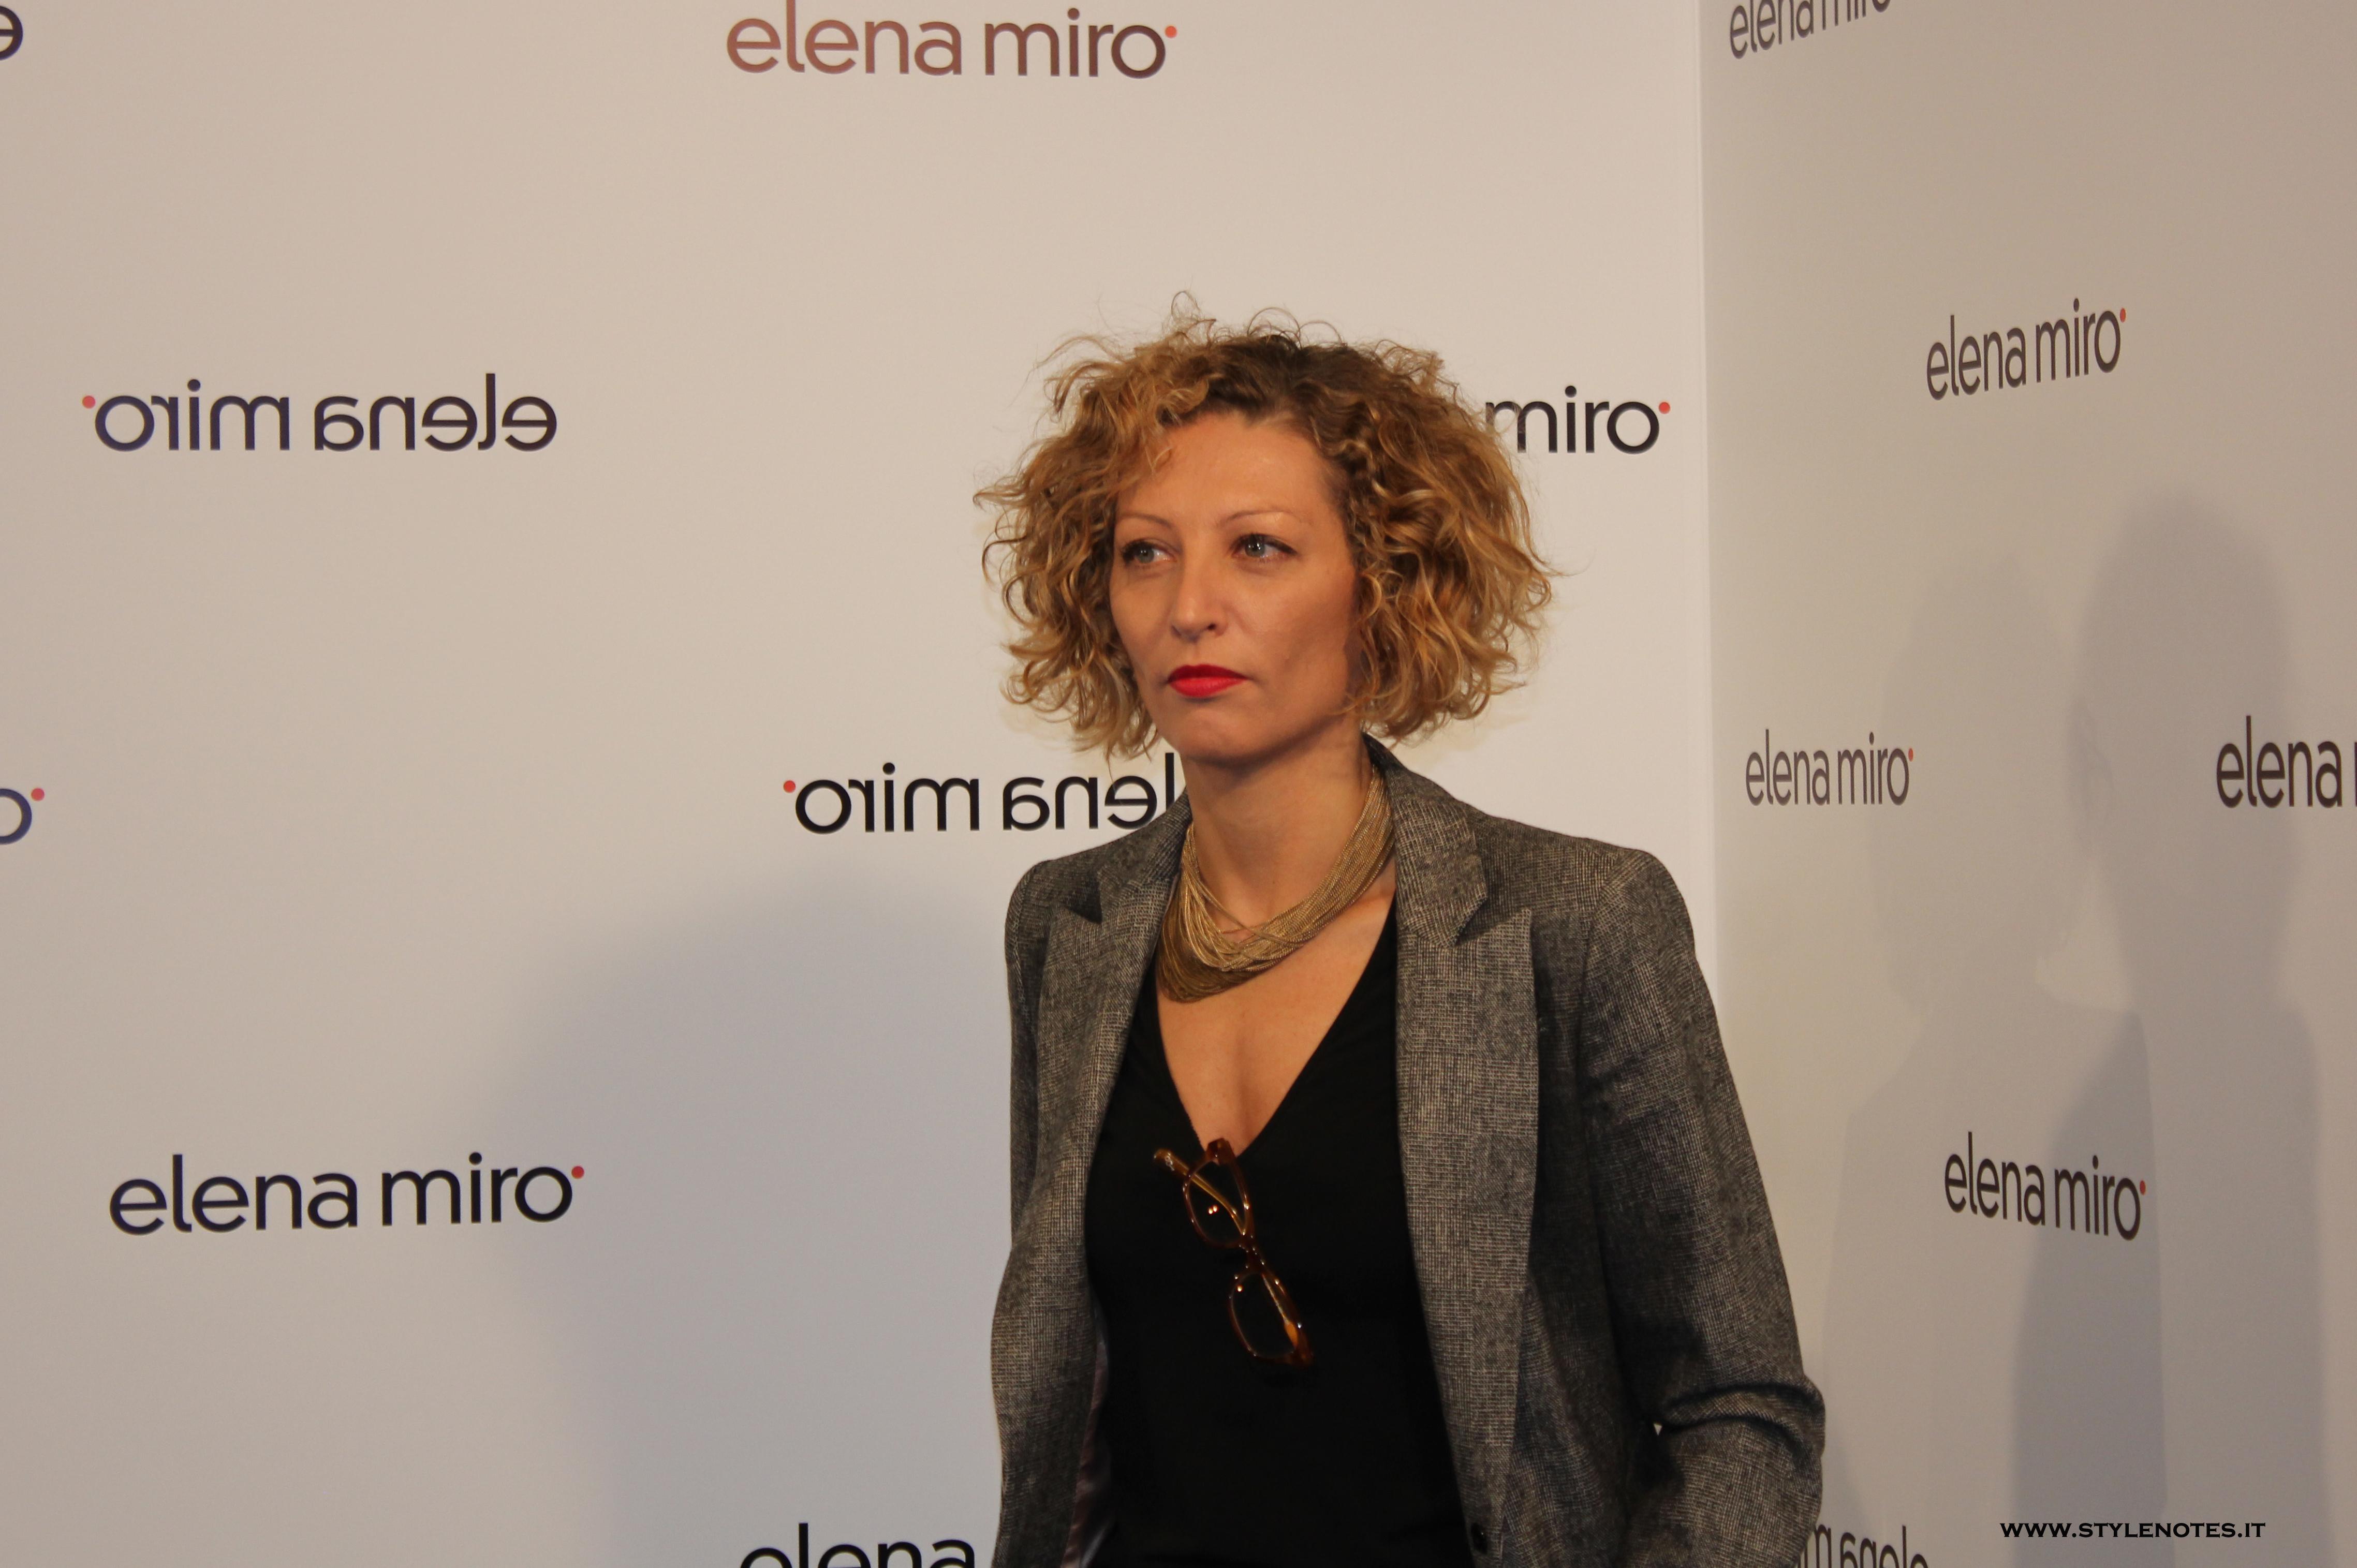 ELENA MIRO' – INTERVISTA A ELENA MIROGLIO